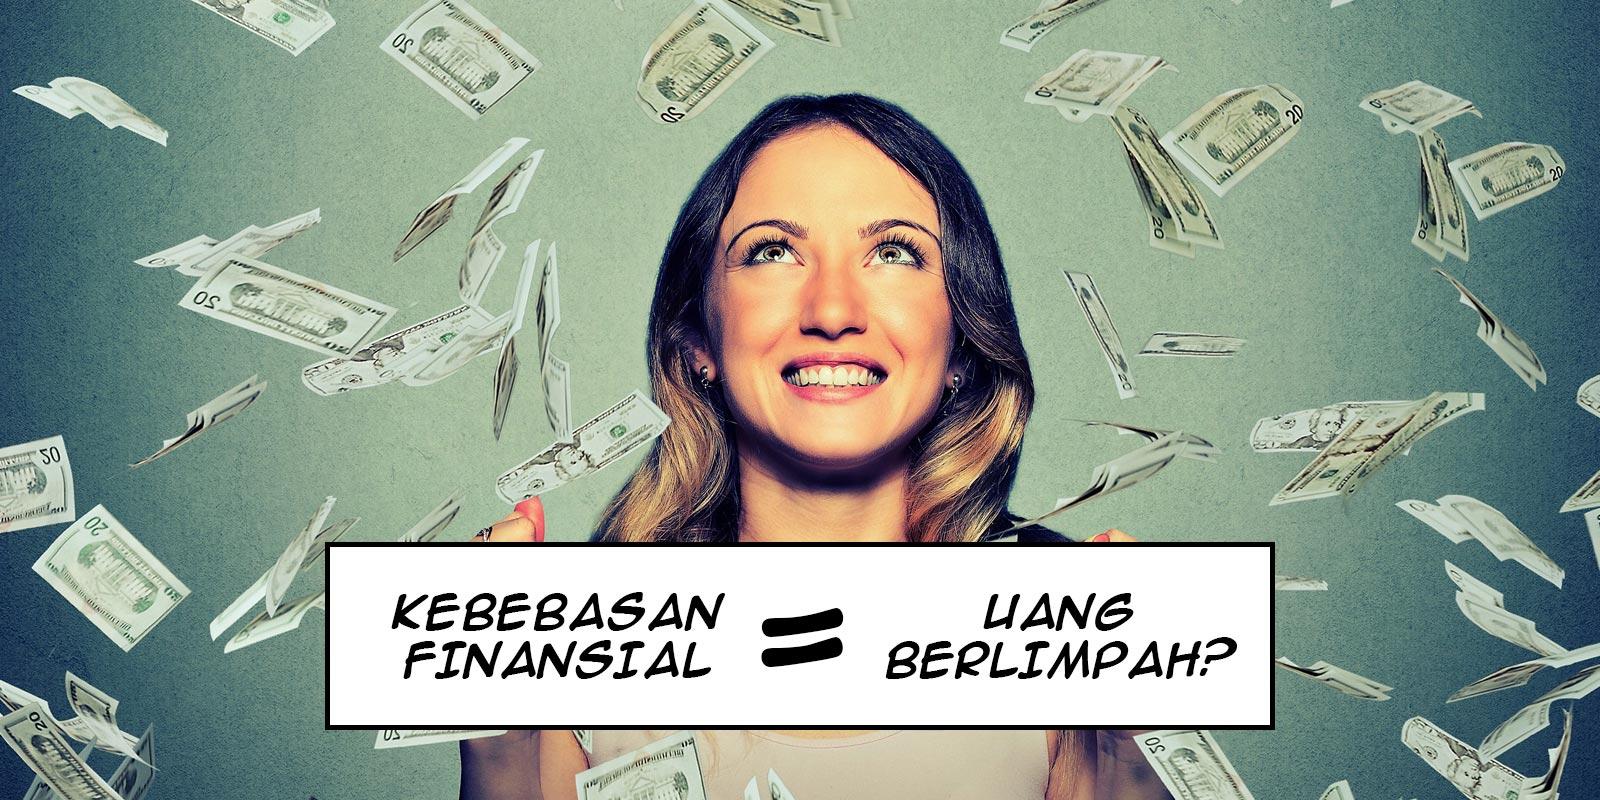 Kebebasan Finansial = Uang Berlimpah?